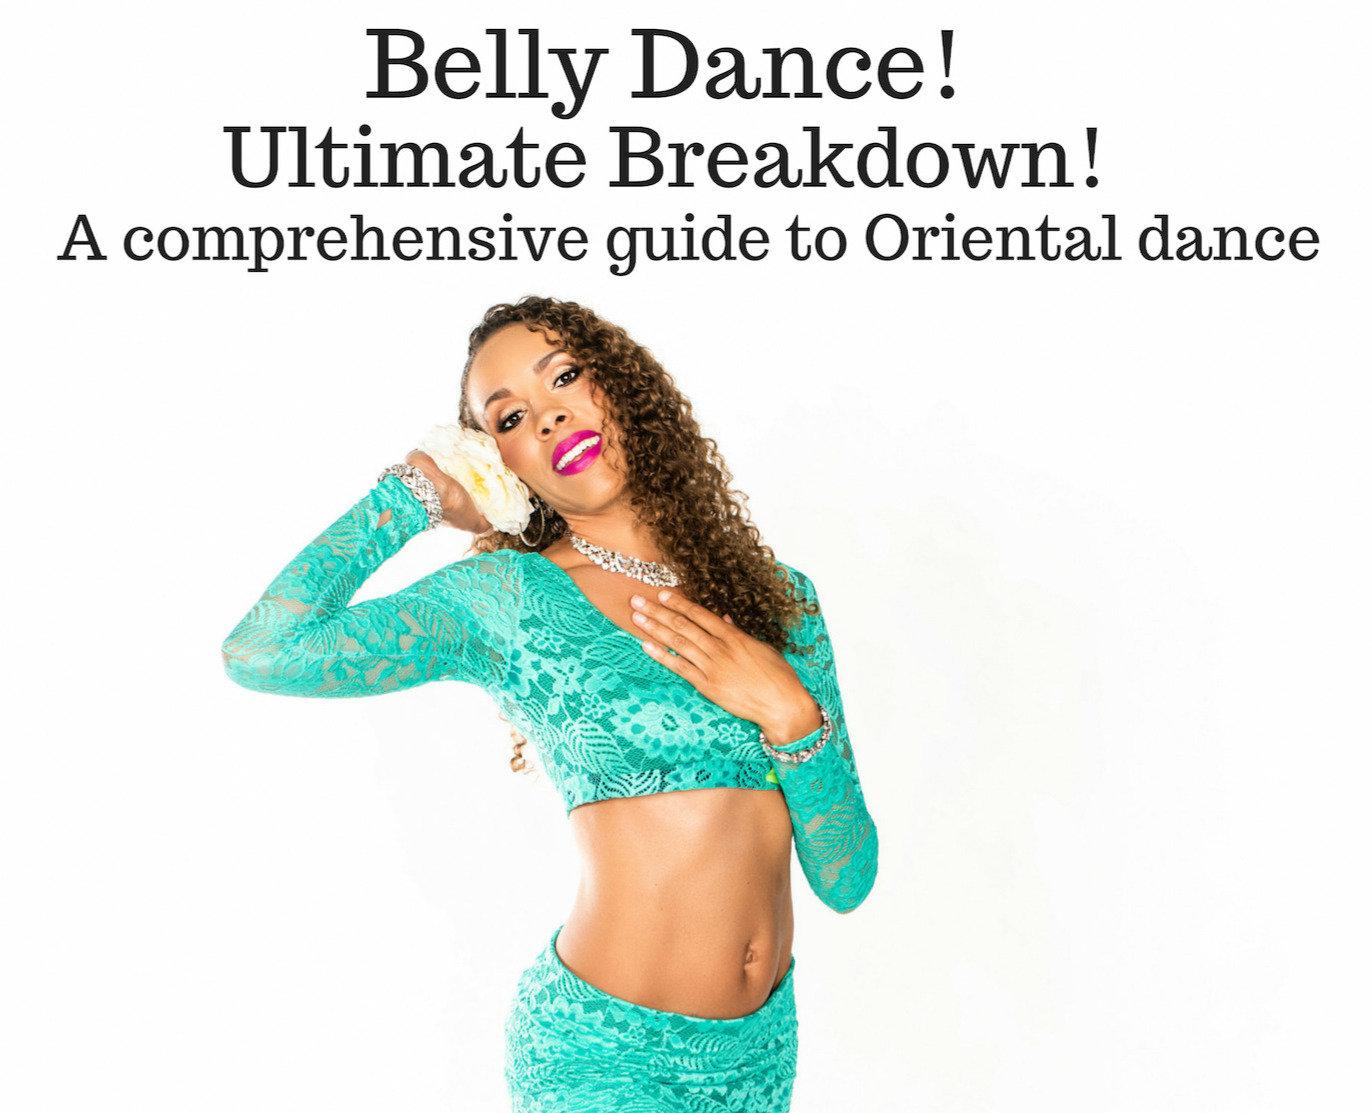 Belly dance Ultimate Breakdown series